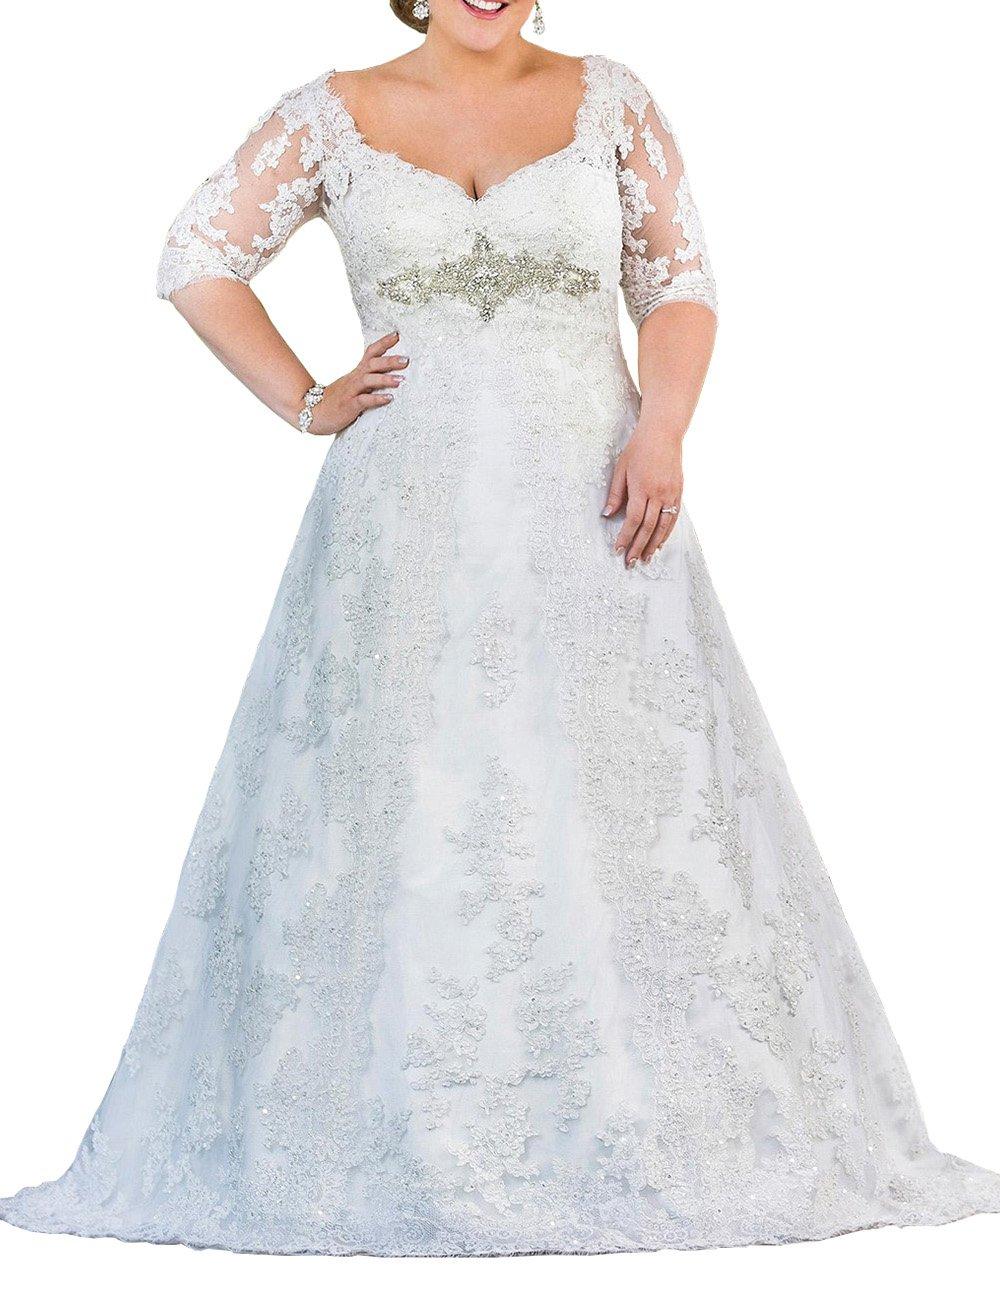 Mulanbridal Women's V-Neck Plus Size Wedding Dresses For Bride Lace Applique Bridal Gowns White 28